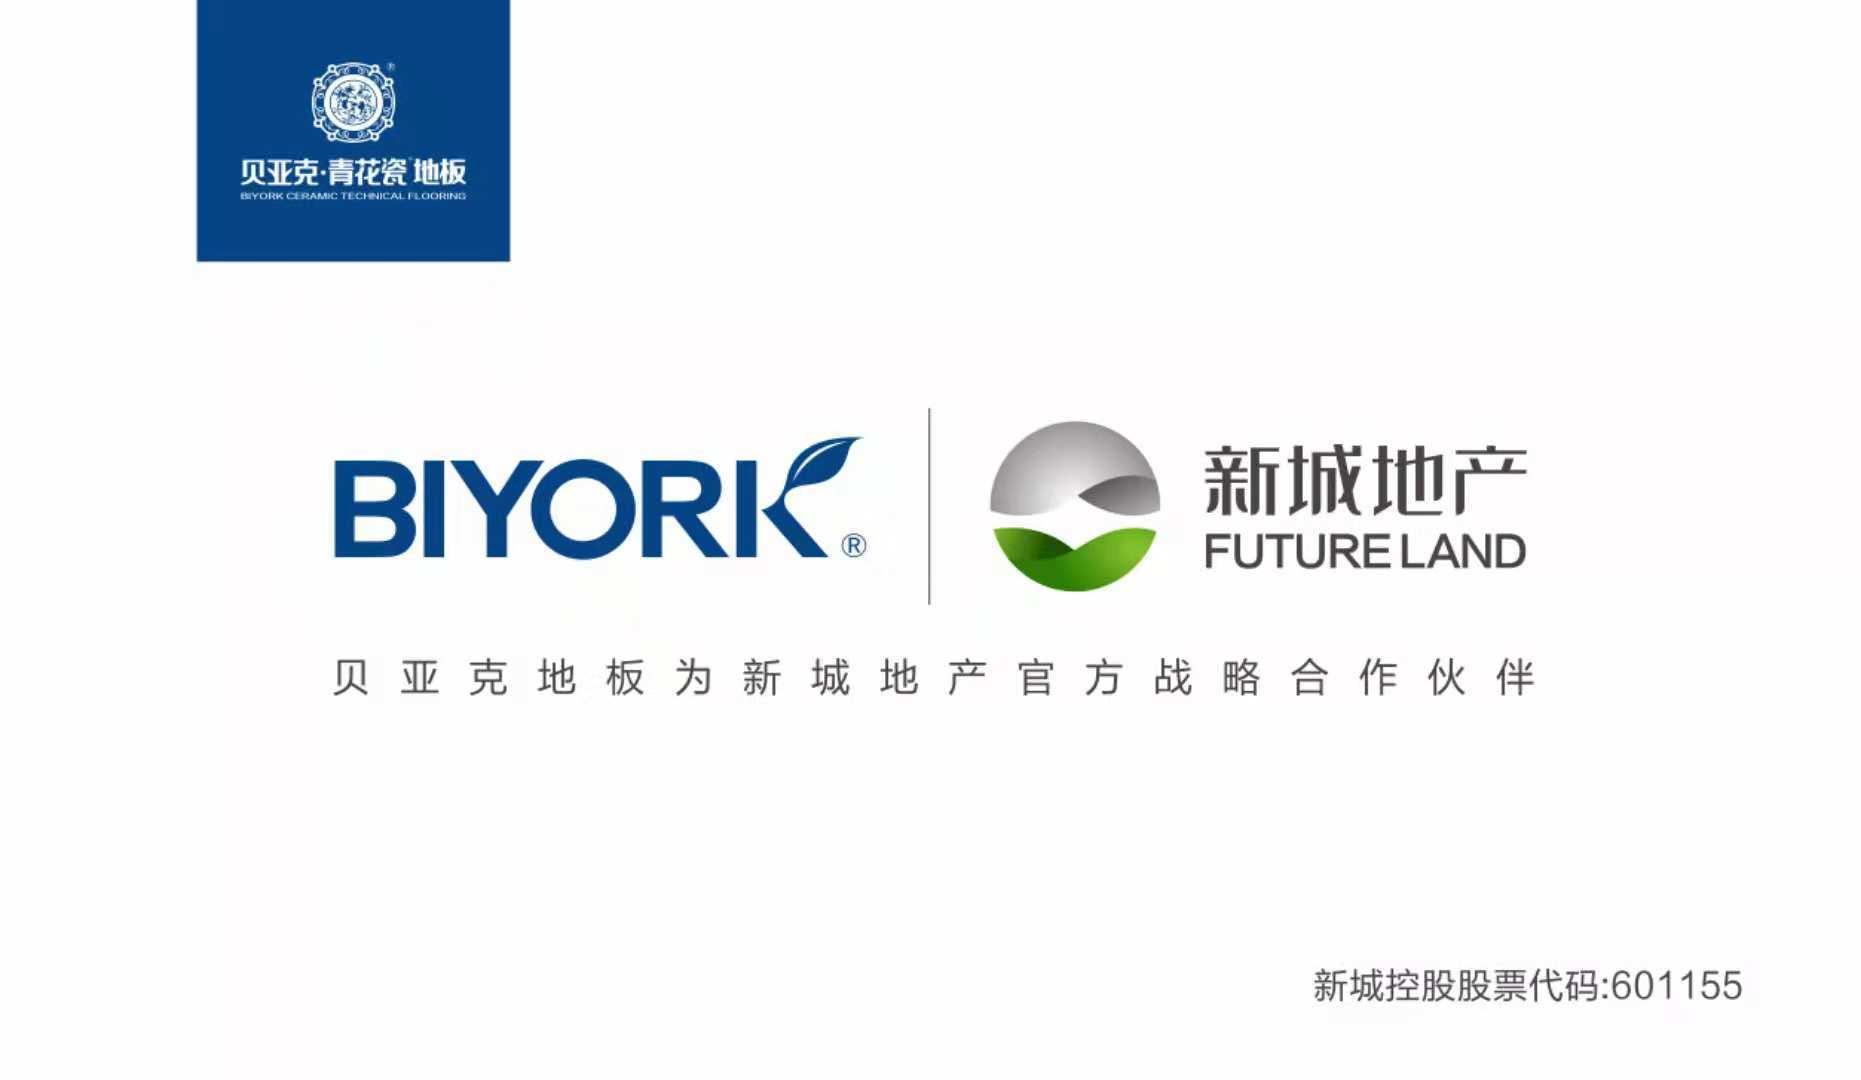 强强联手 贝亚克•青花瓷地板成为新城地产官方战略合作伙伴